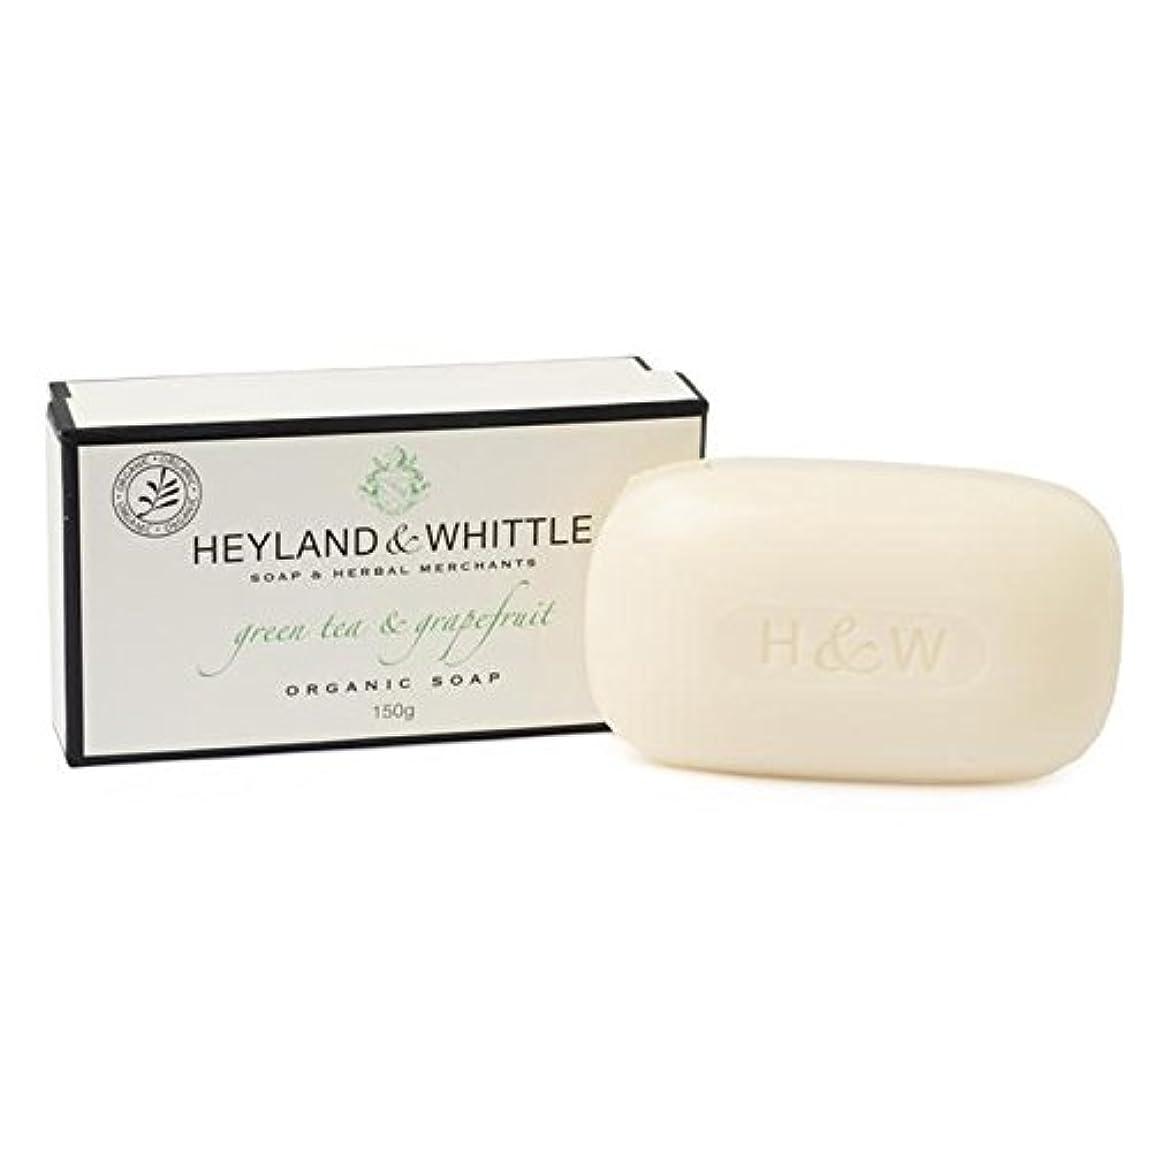 ニュージーランド巨大水没Heyland & Whittle Green Tea & Grapefruit Boxed Organic Soap 150g - &削る緑茶&グレープフルーツはオーガニックソープ150グラム箱入り [並行輸入品]